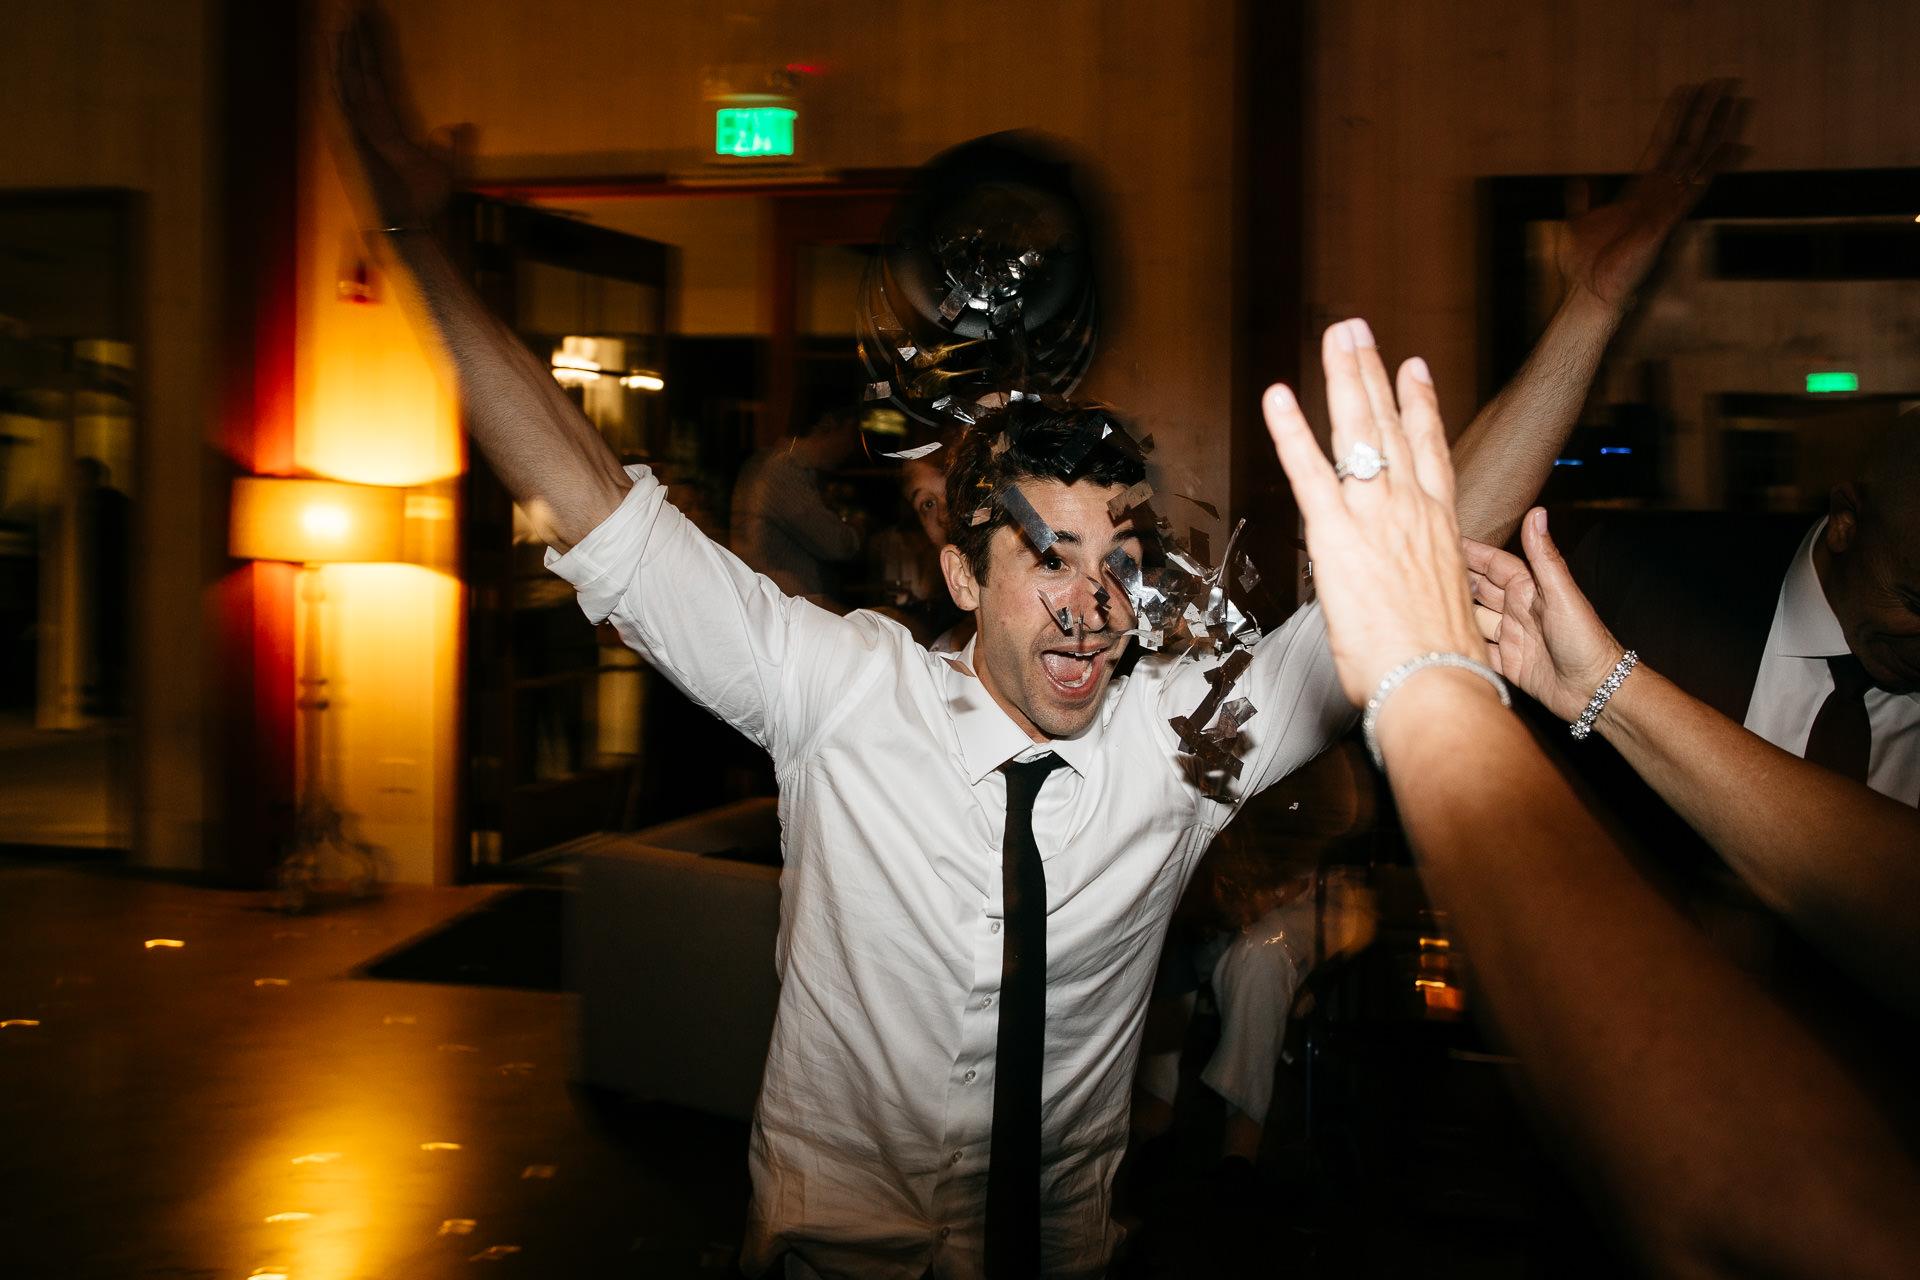 lauren_graham_wedding_california_park_winters_jeanlaurentgaudy_099